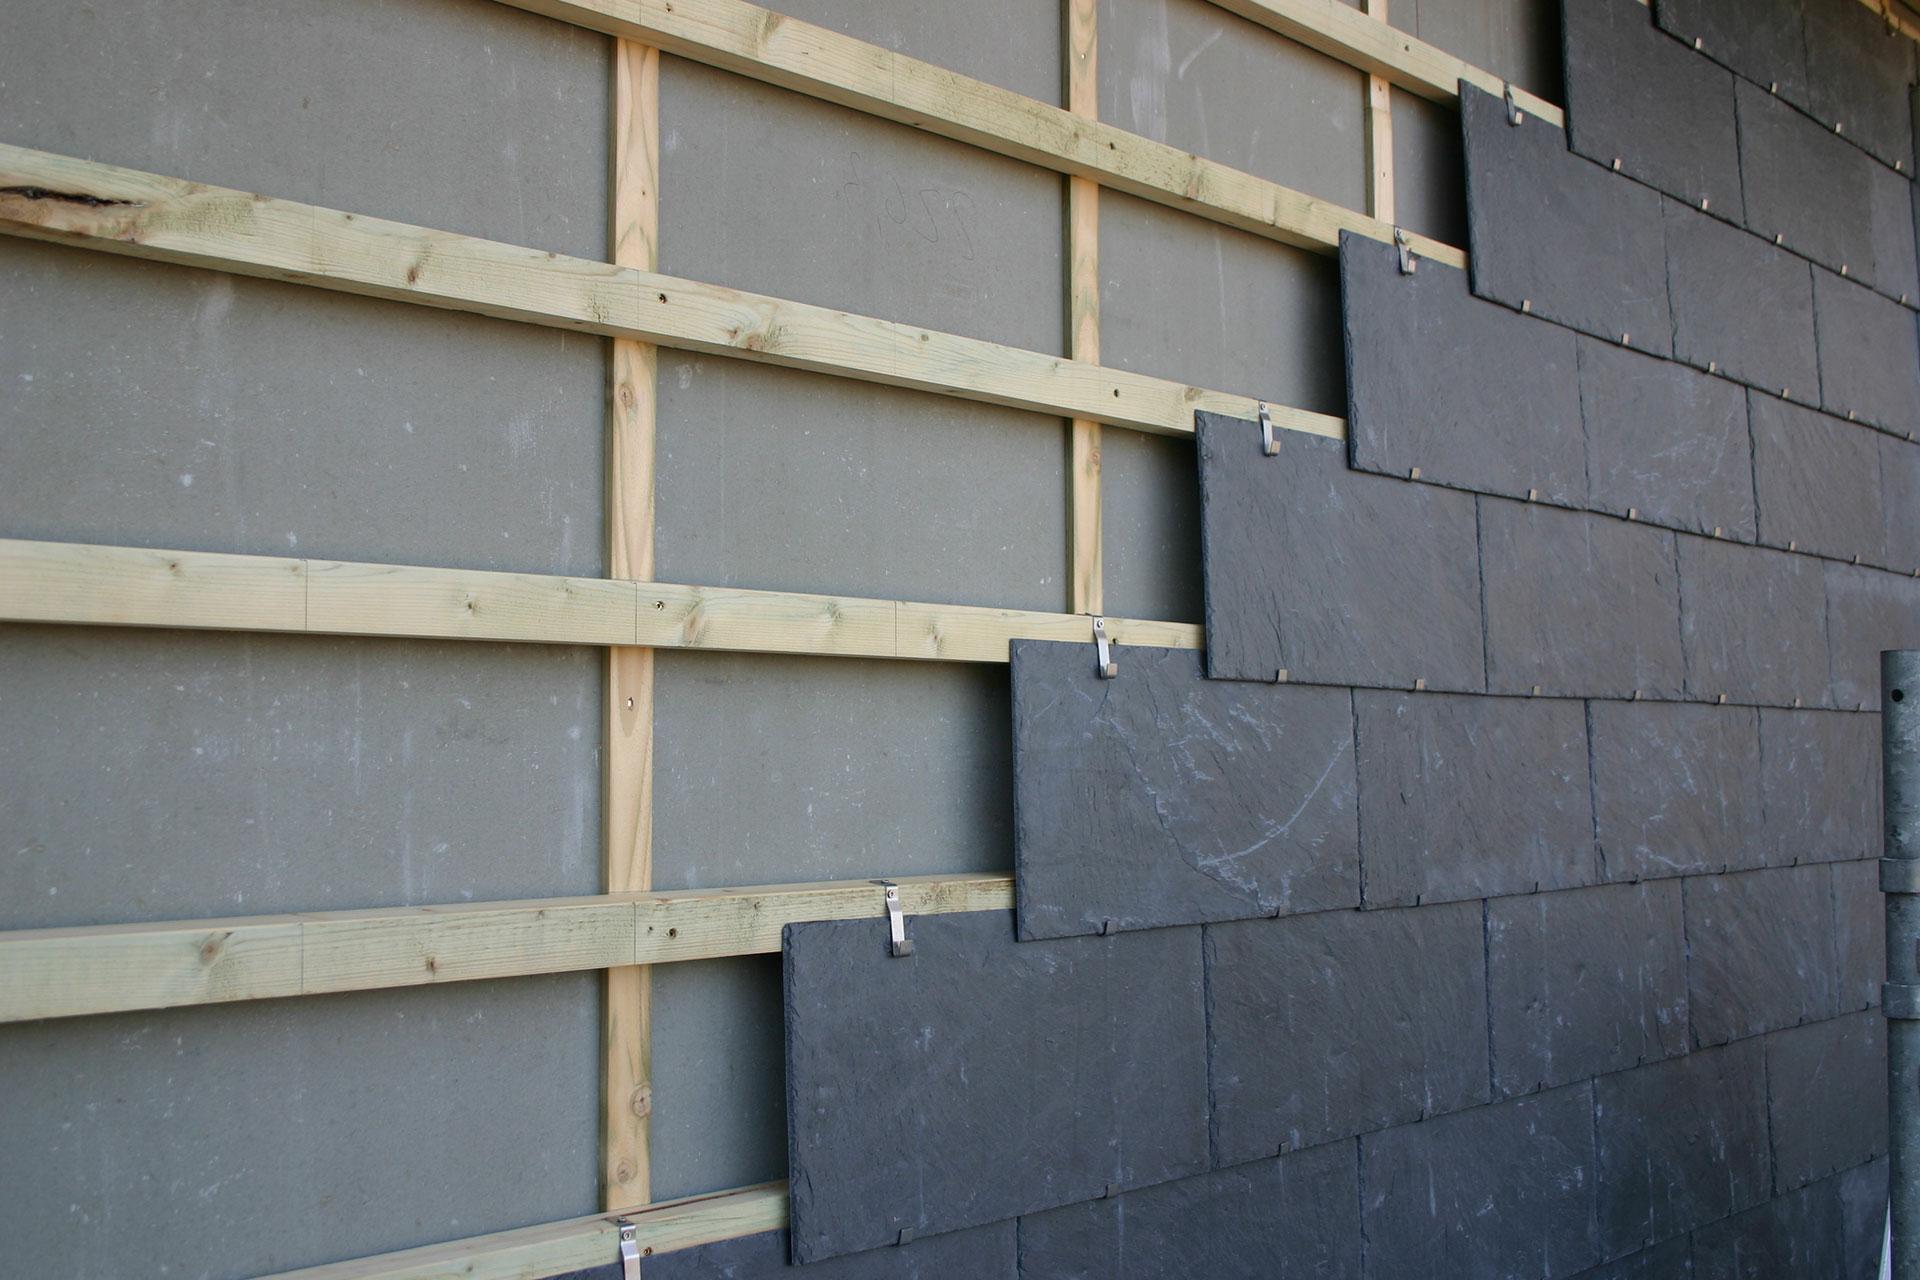 Saxo 6 facadeskifer til facadebeklædning i størrelse 60x30